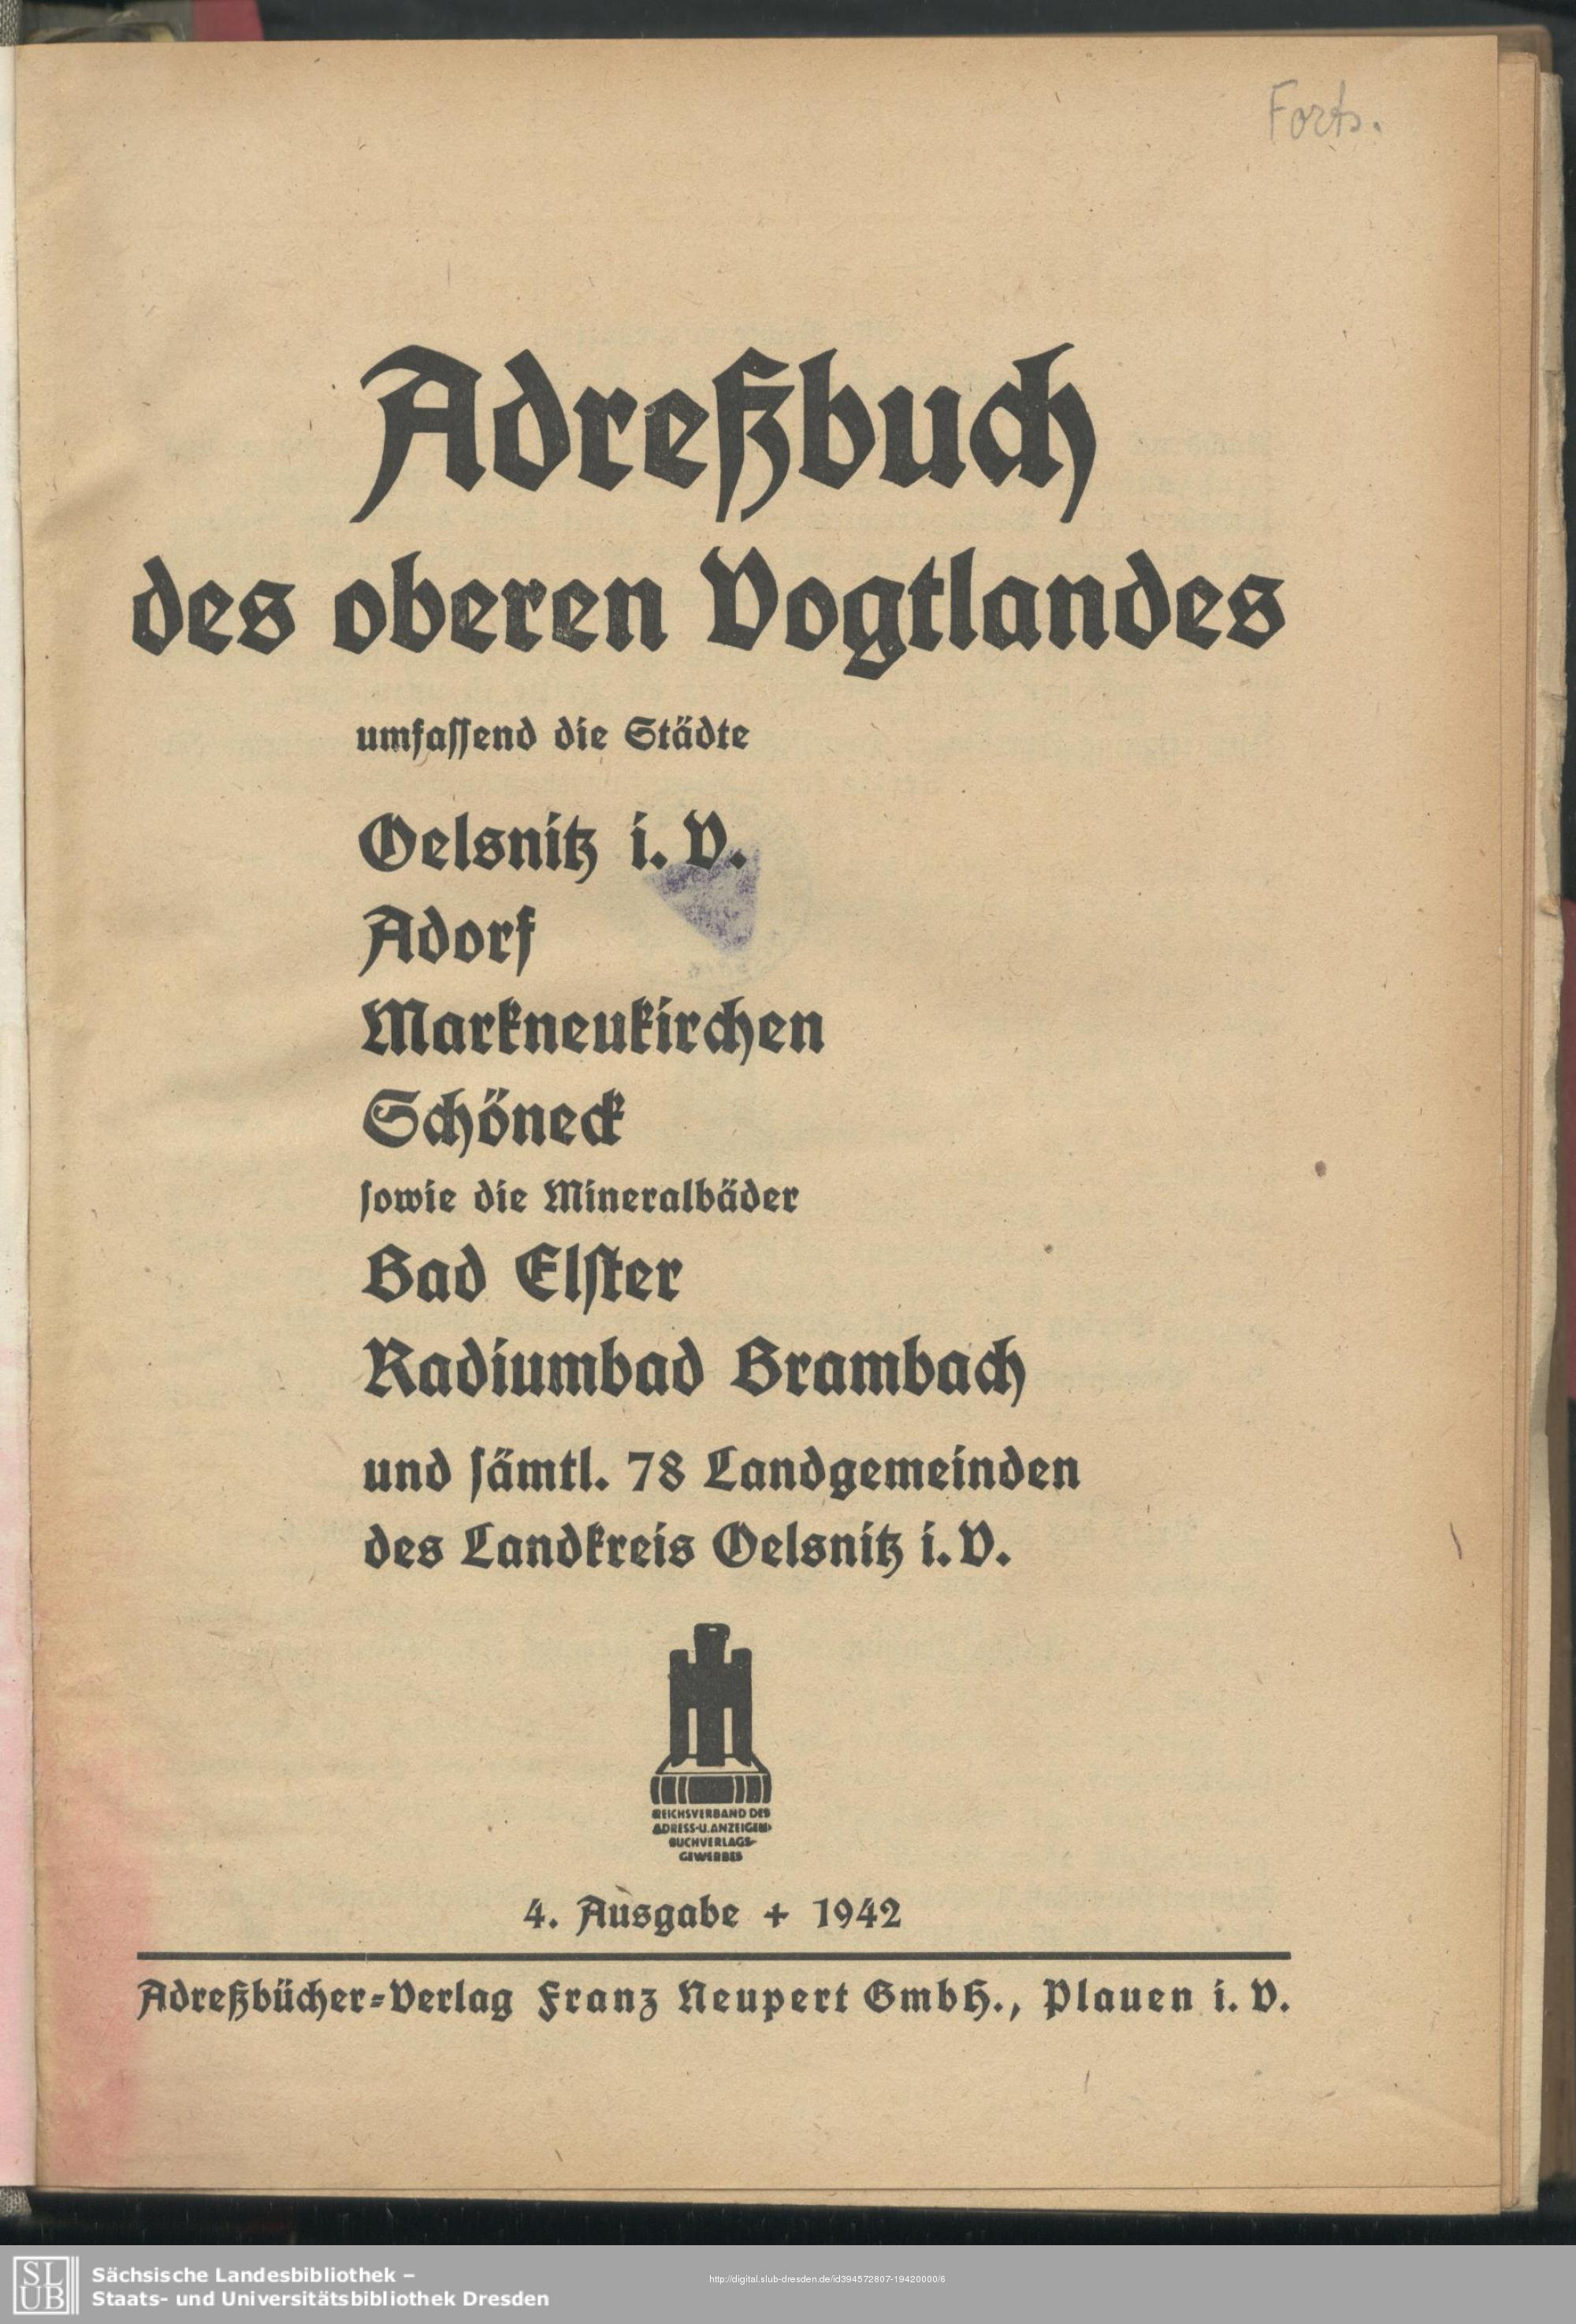 Adressbuch Oberes Vogtland 1942